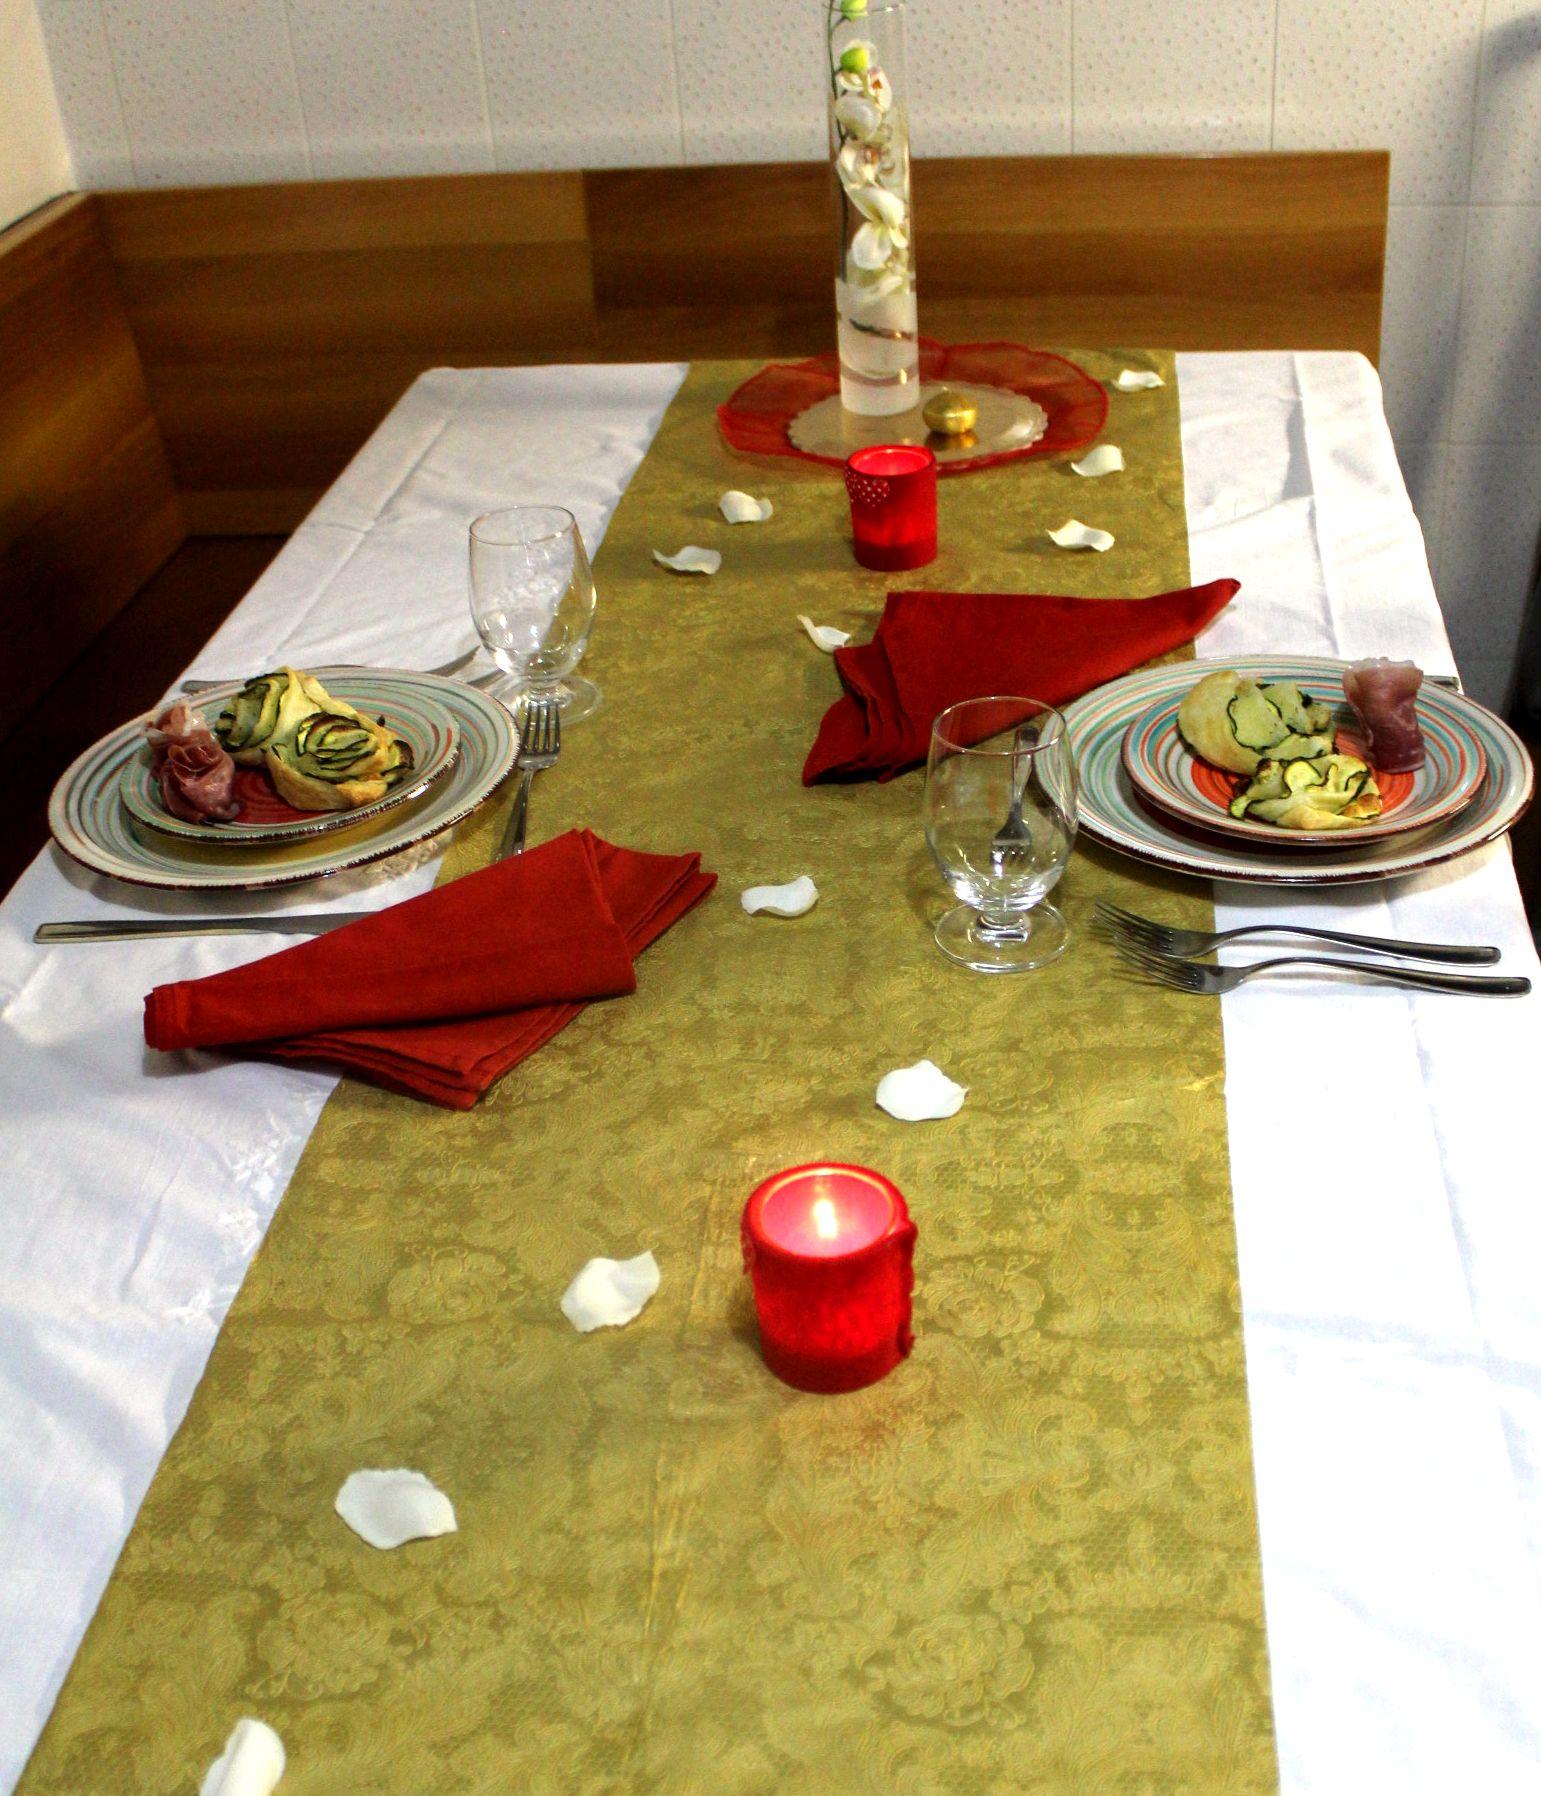 Tavola per una cena romantica la cucina dei balocchi - Tavola per cucina ...